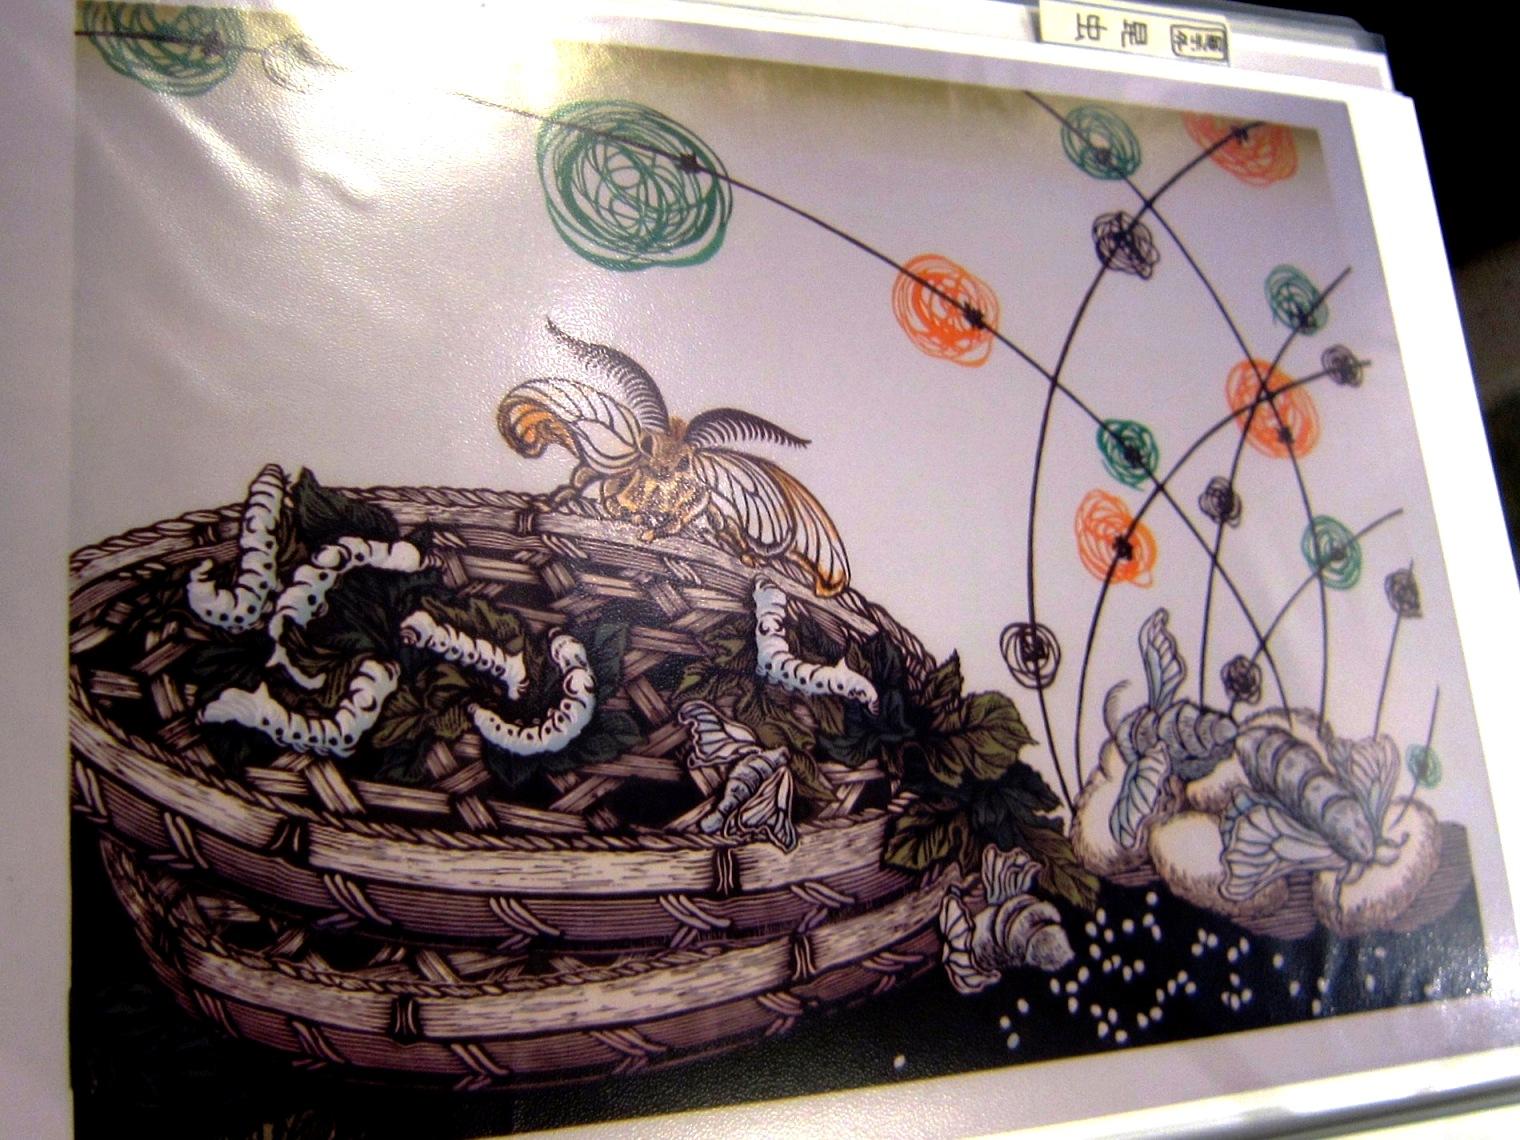 2164)「浅川良美 木版画展 『いきもの万歳』」 カフェエスキス 8月15日(木)~9月3日(火)  _f0126829_1733297.jpg